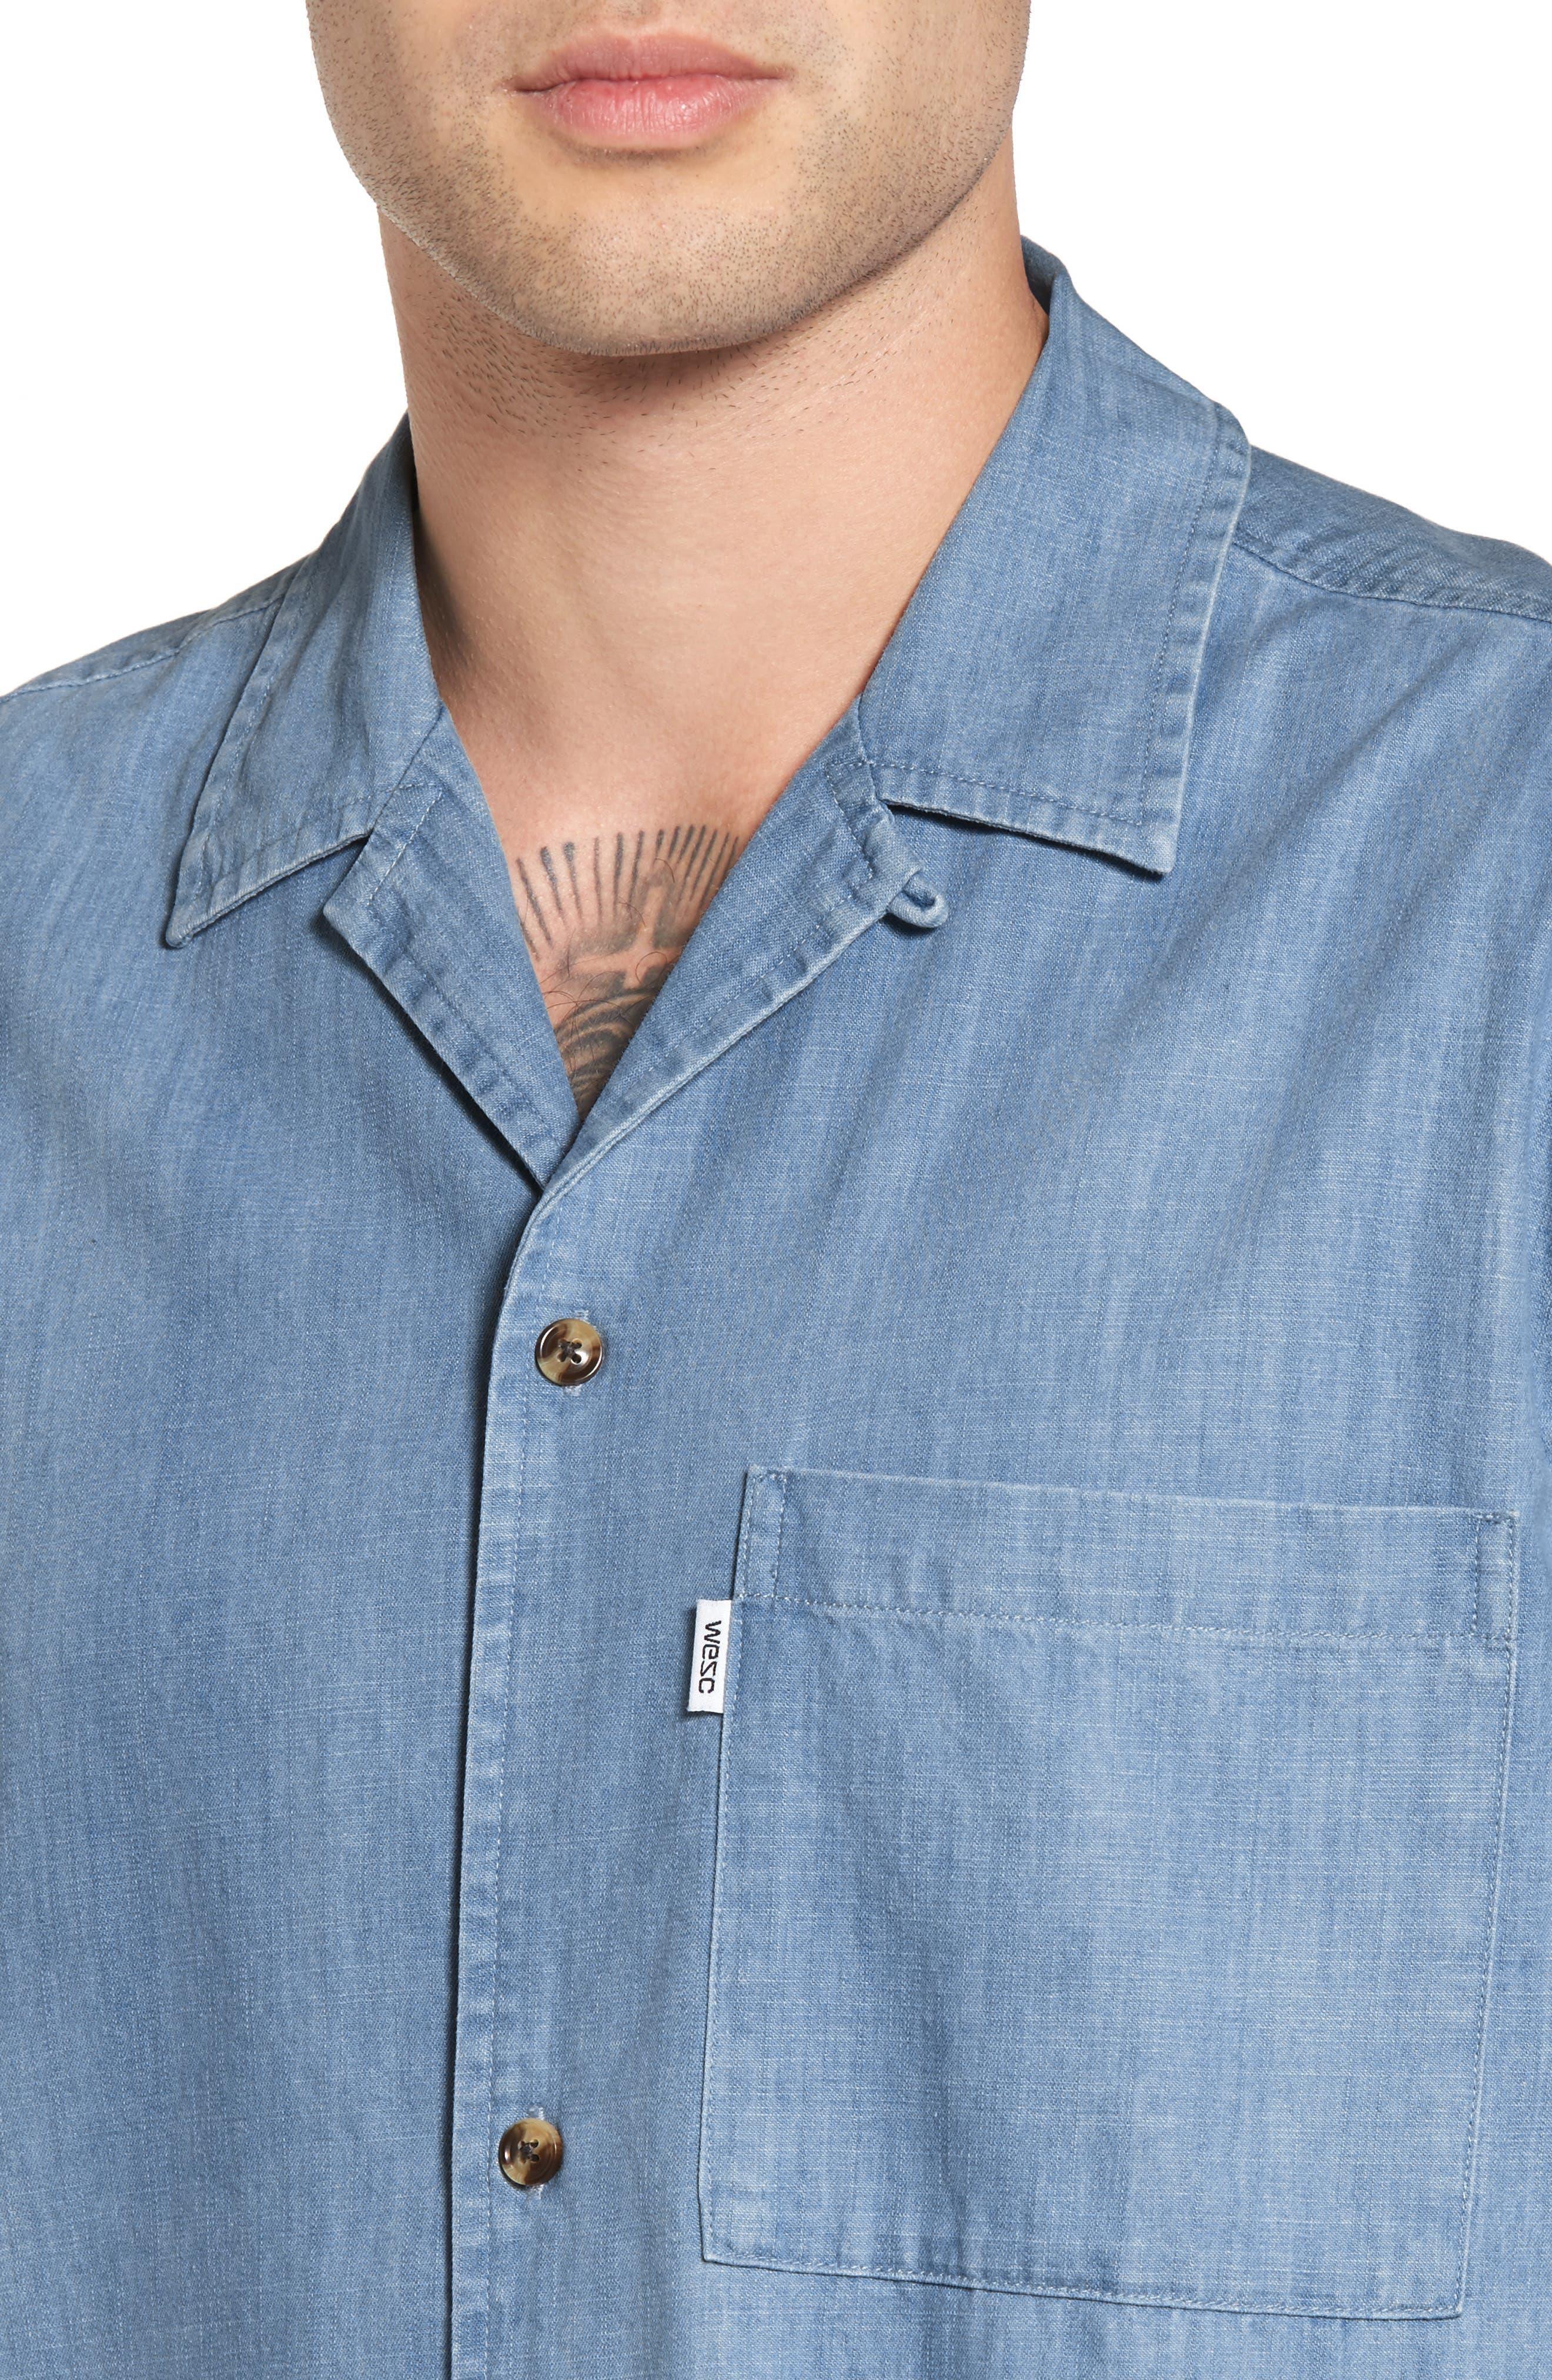 Nevin Short Sleeve Denim Shirt,                             Alternate thumbnail 4, color,                             497